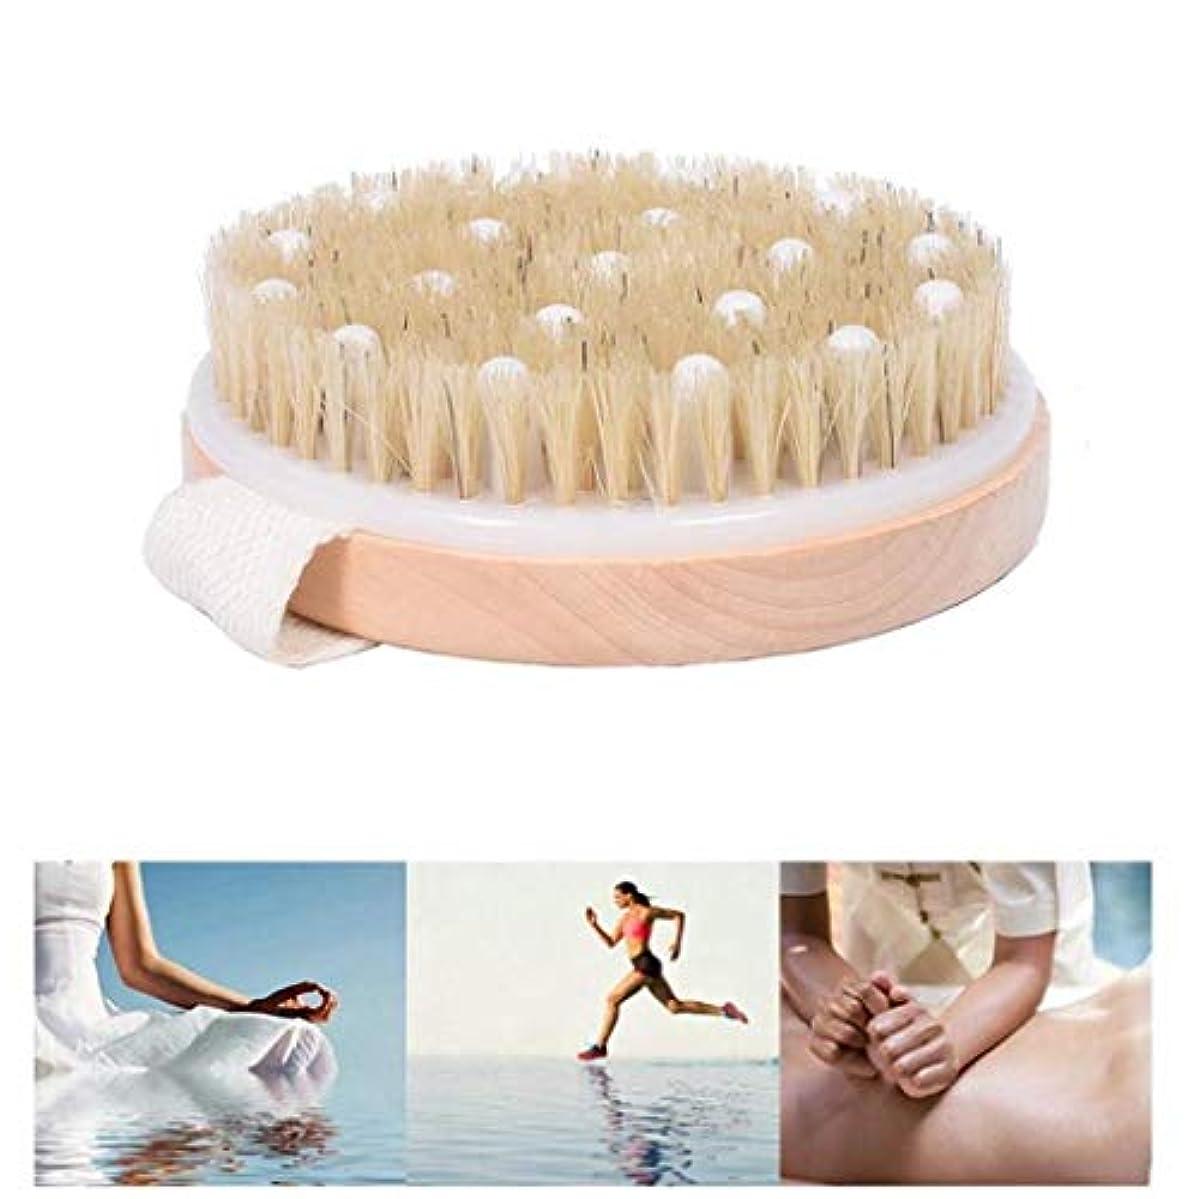 近く衝撃窒素バスブラシ、木製の長いハンドルの角質除去/角質除去/詰まった毛穴の開放/血液循環のクリーニングブラシの改善